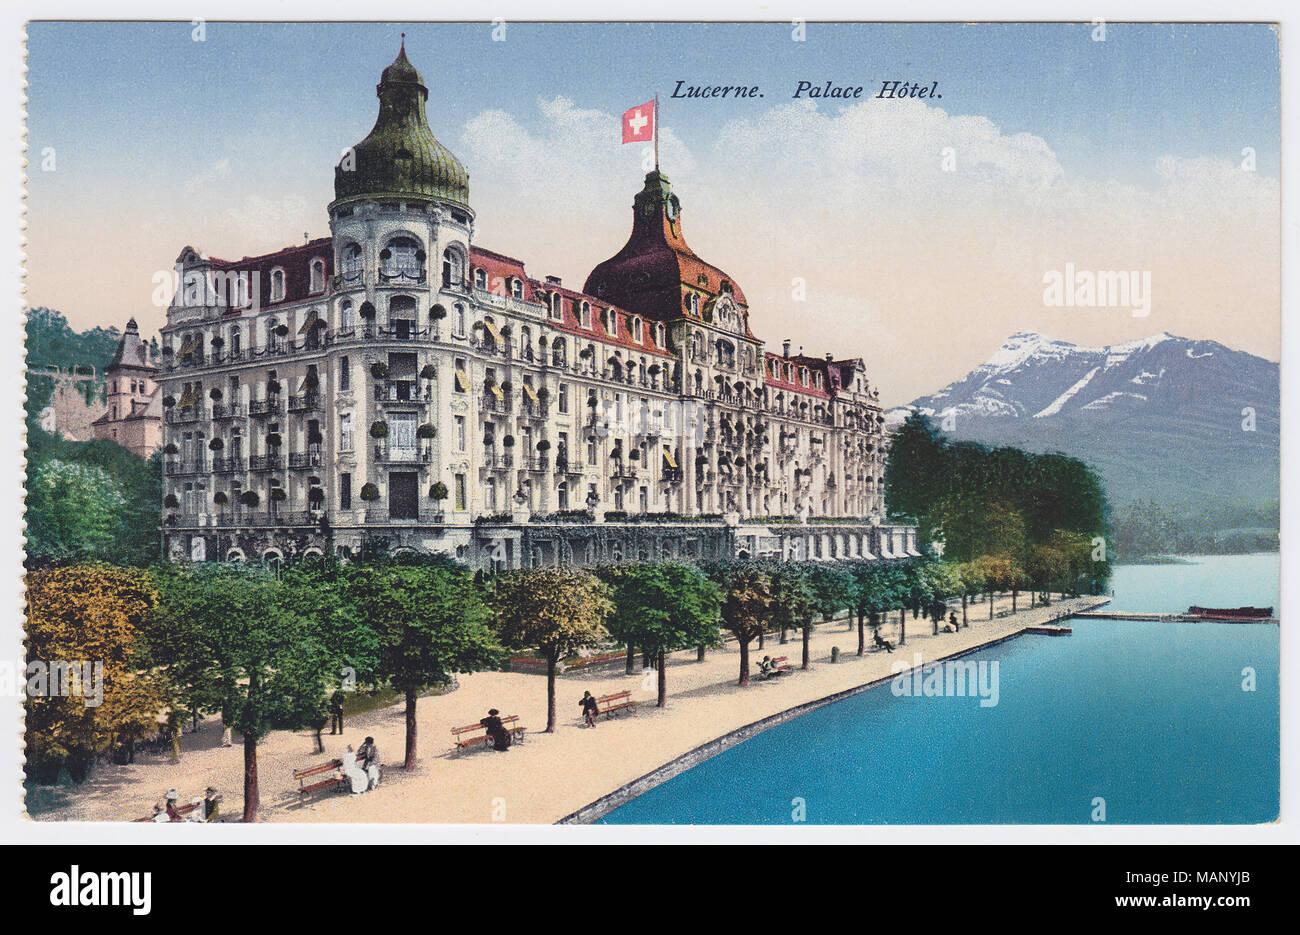 Palace Hotel, Lucerne, Switzerland - Stock Image